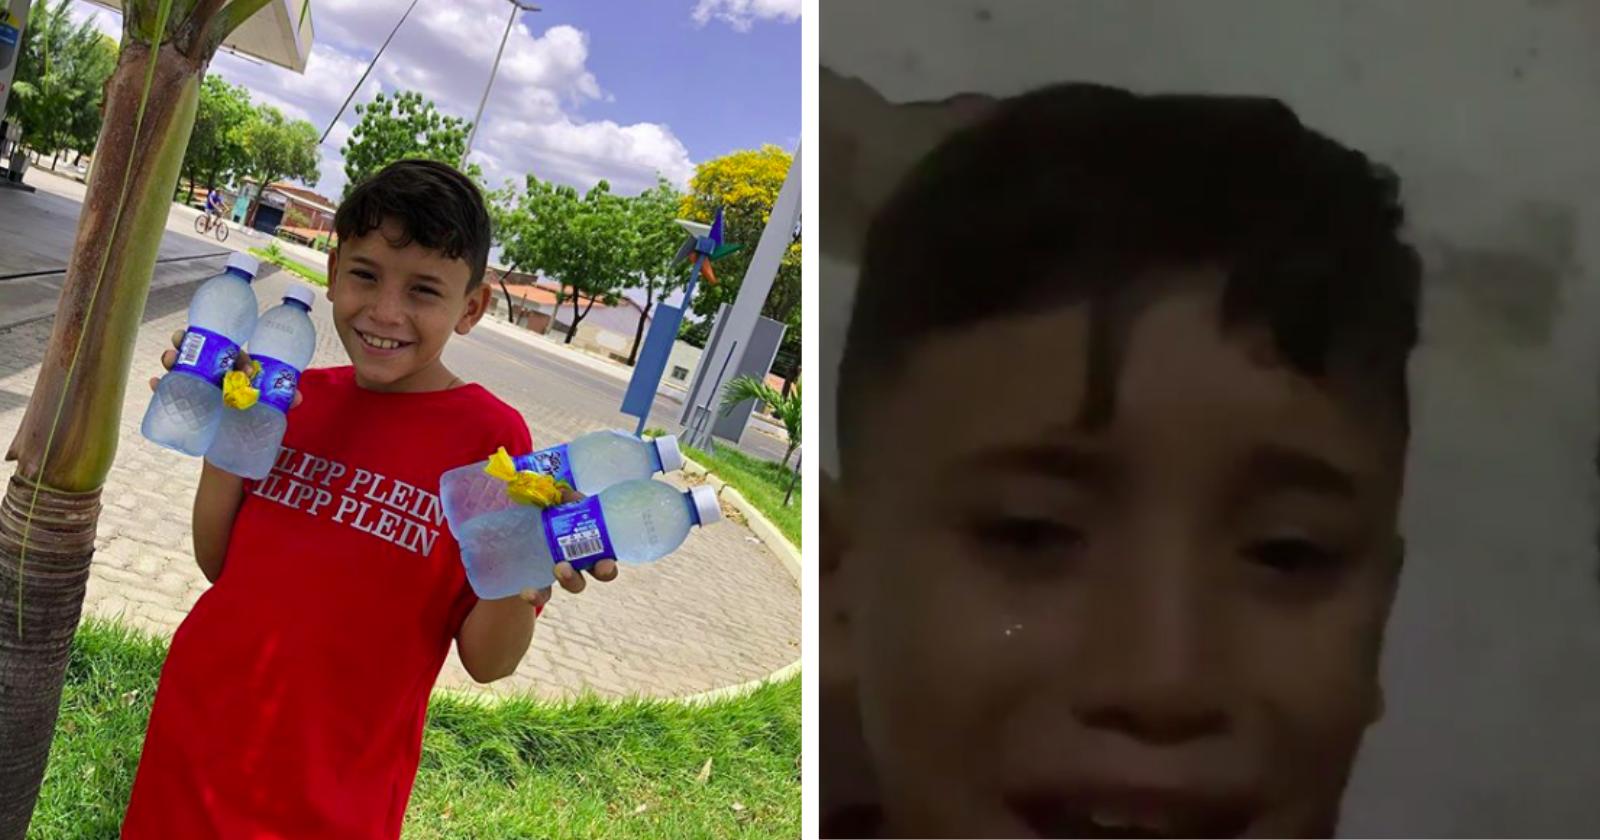 Garoto de 11 anos que chorou por não poder vender água ganha surpresa de empresário